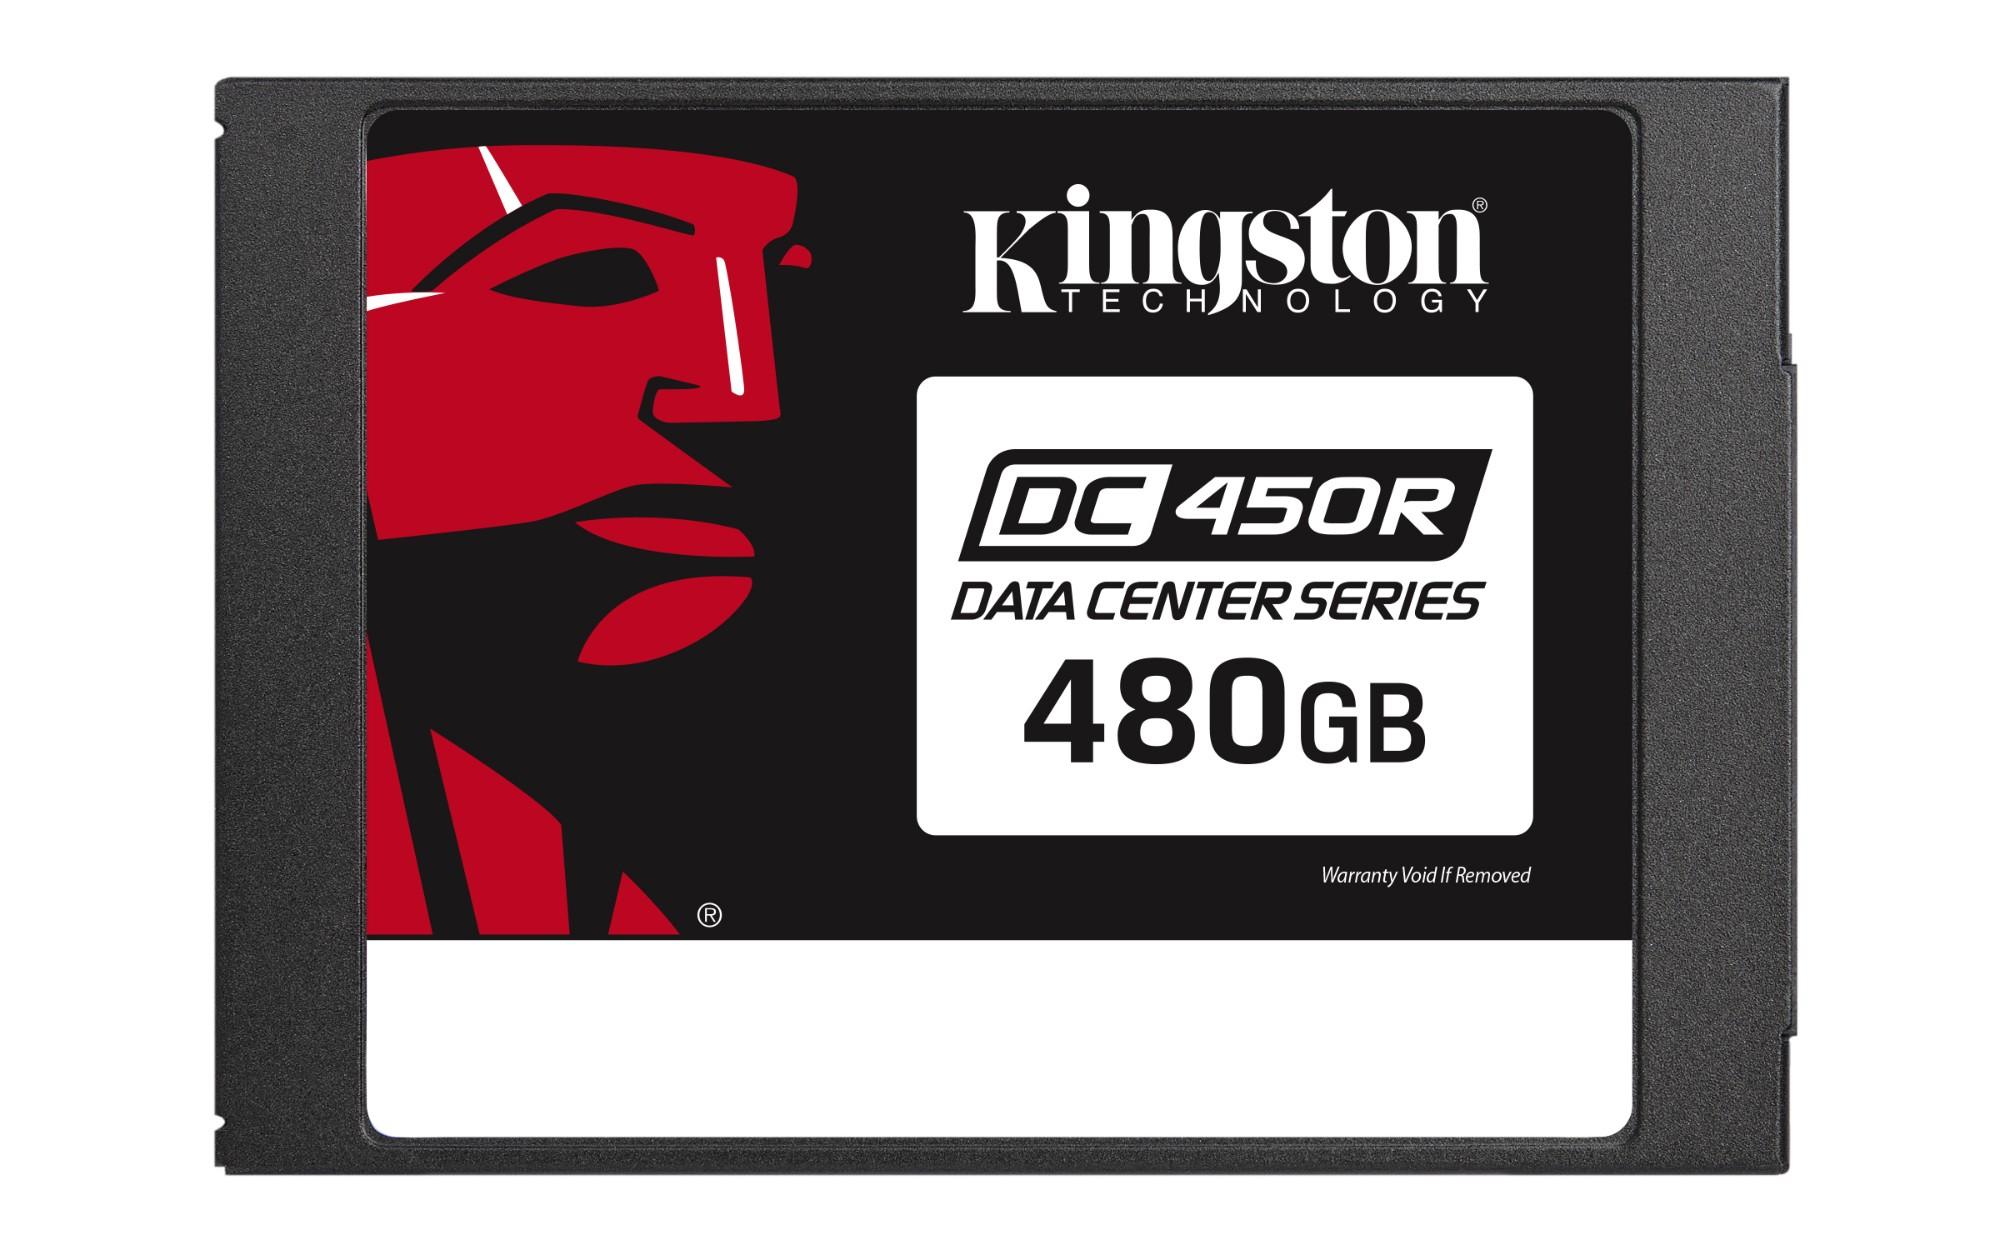 Kingston Technology DC450R 2.5